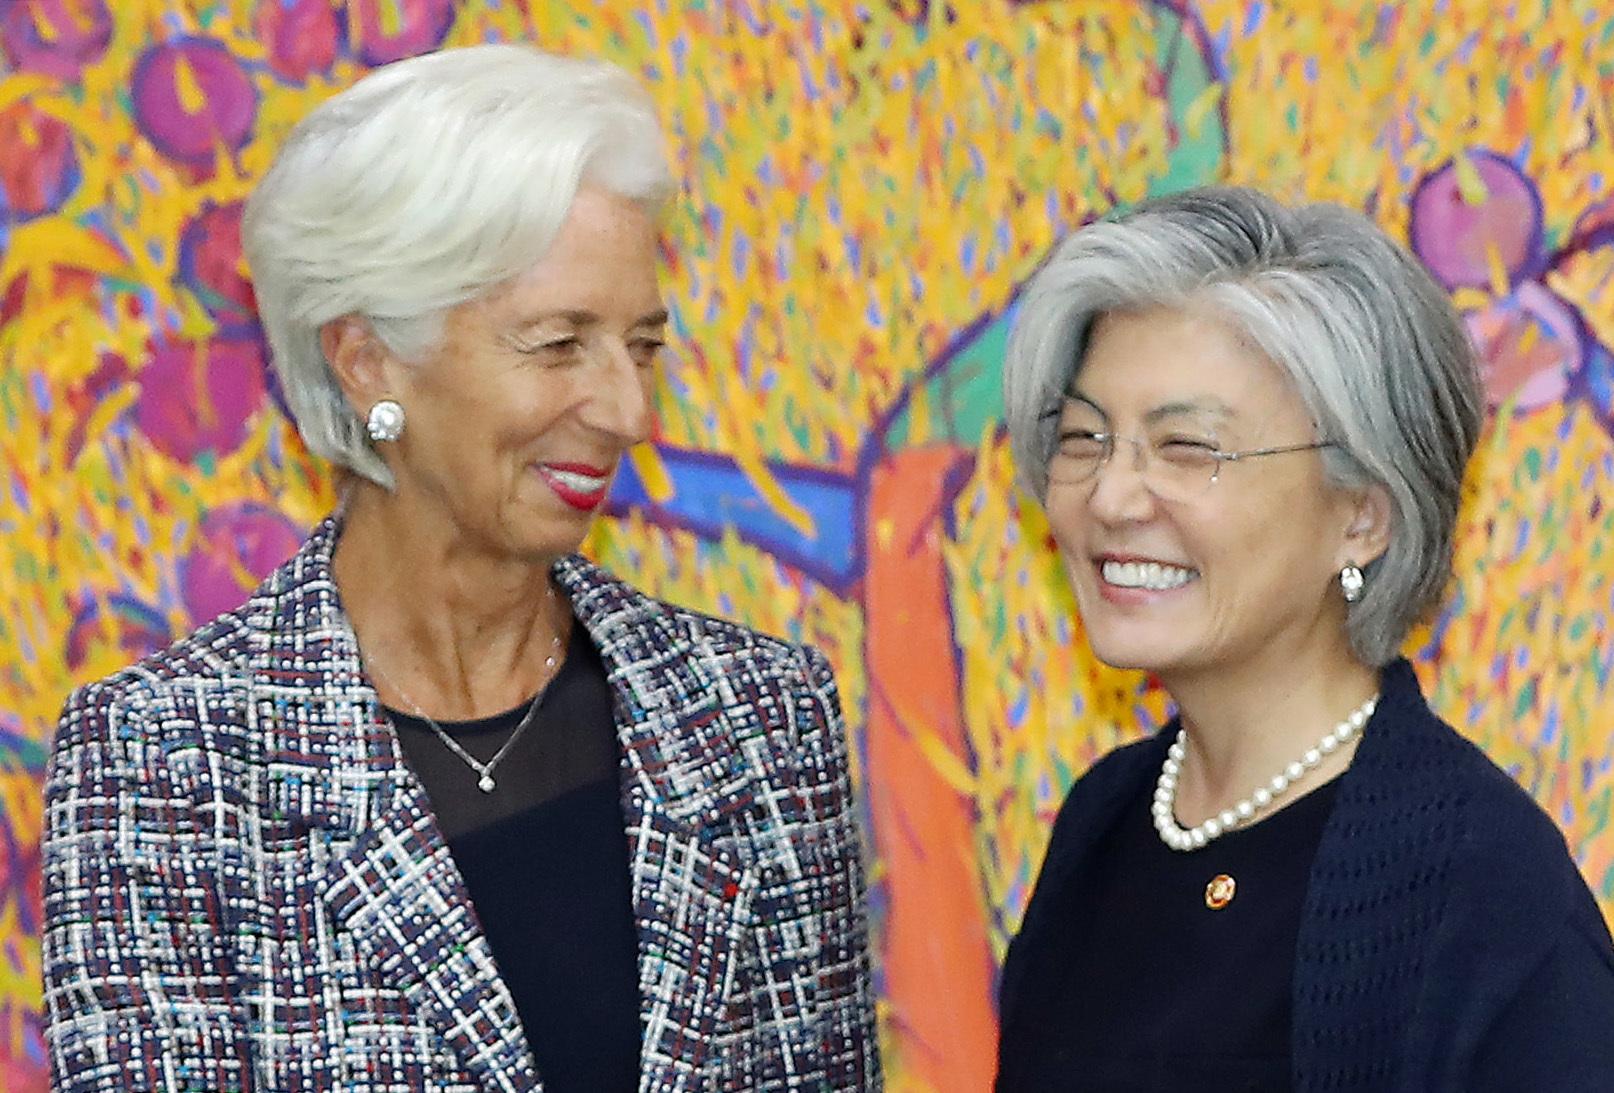 강경화 외교부 장관(오른쪽)이 8일 오후 서울 도렴동 외교부 청사에서 방한 중인 크리스틴 라가르드 국제통화기금(IMF) 총재와 만났다. 강 장관과 같은 백발의 라가르드 총재는 세계에서 가장 강력한 권한을 가진 여성 중 한 명이다. 이날 회담은 밝은 분위기로 진행됐다. 우상조 기자